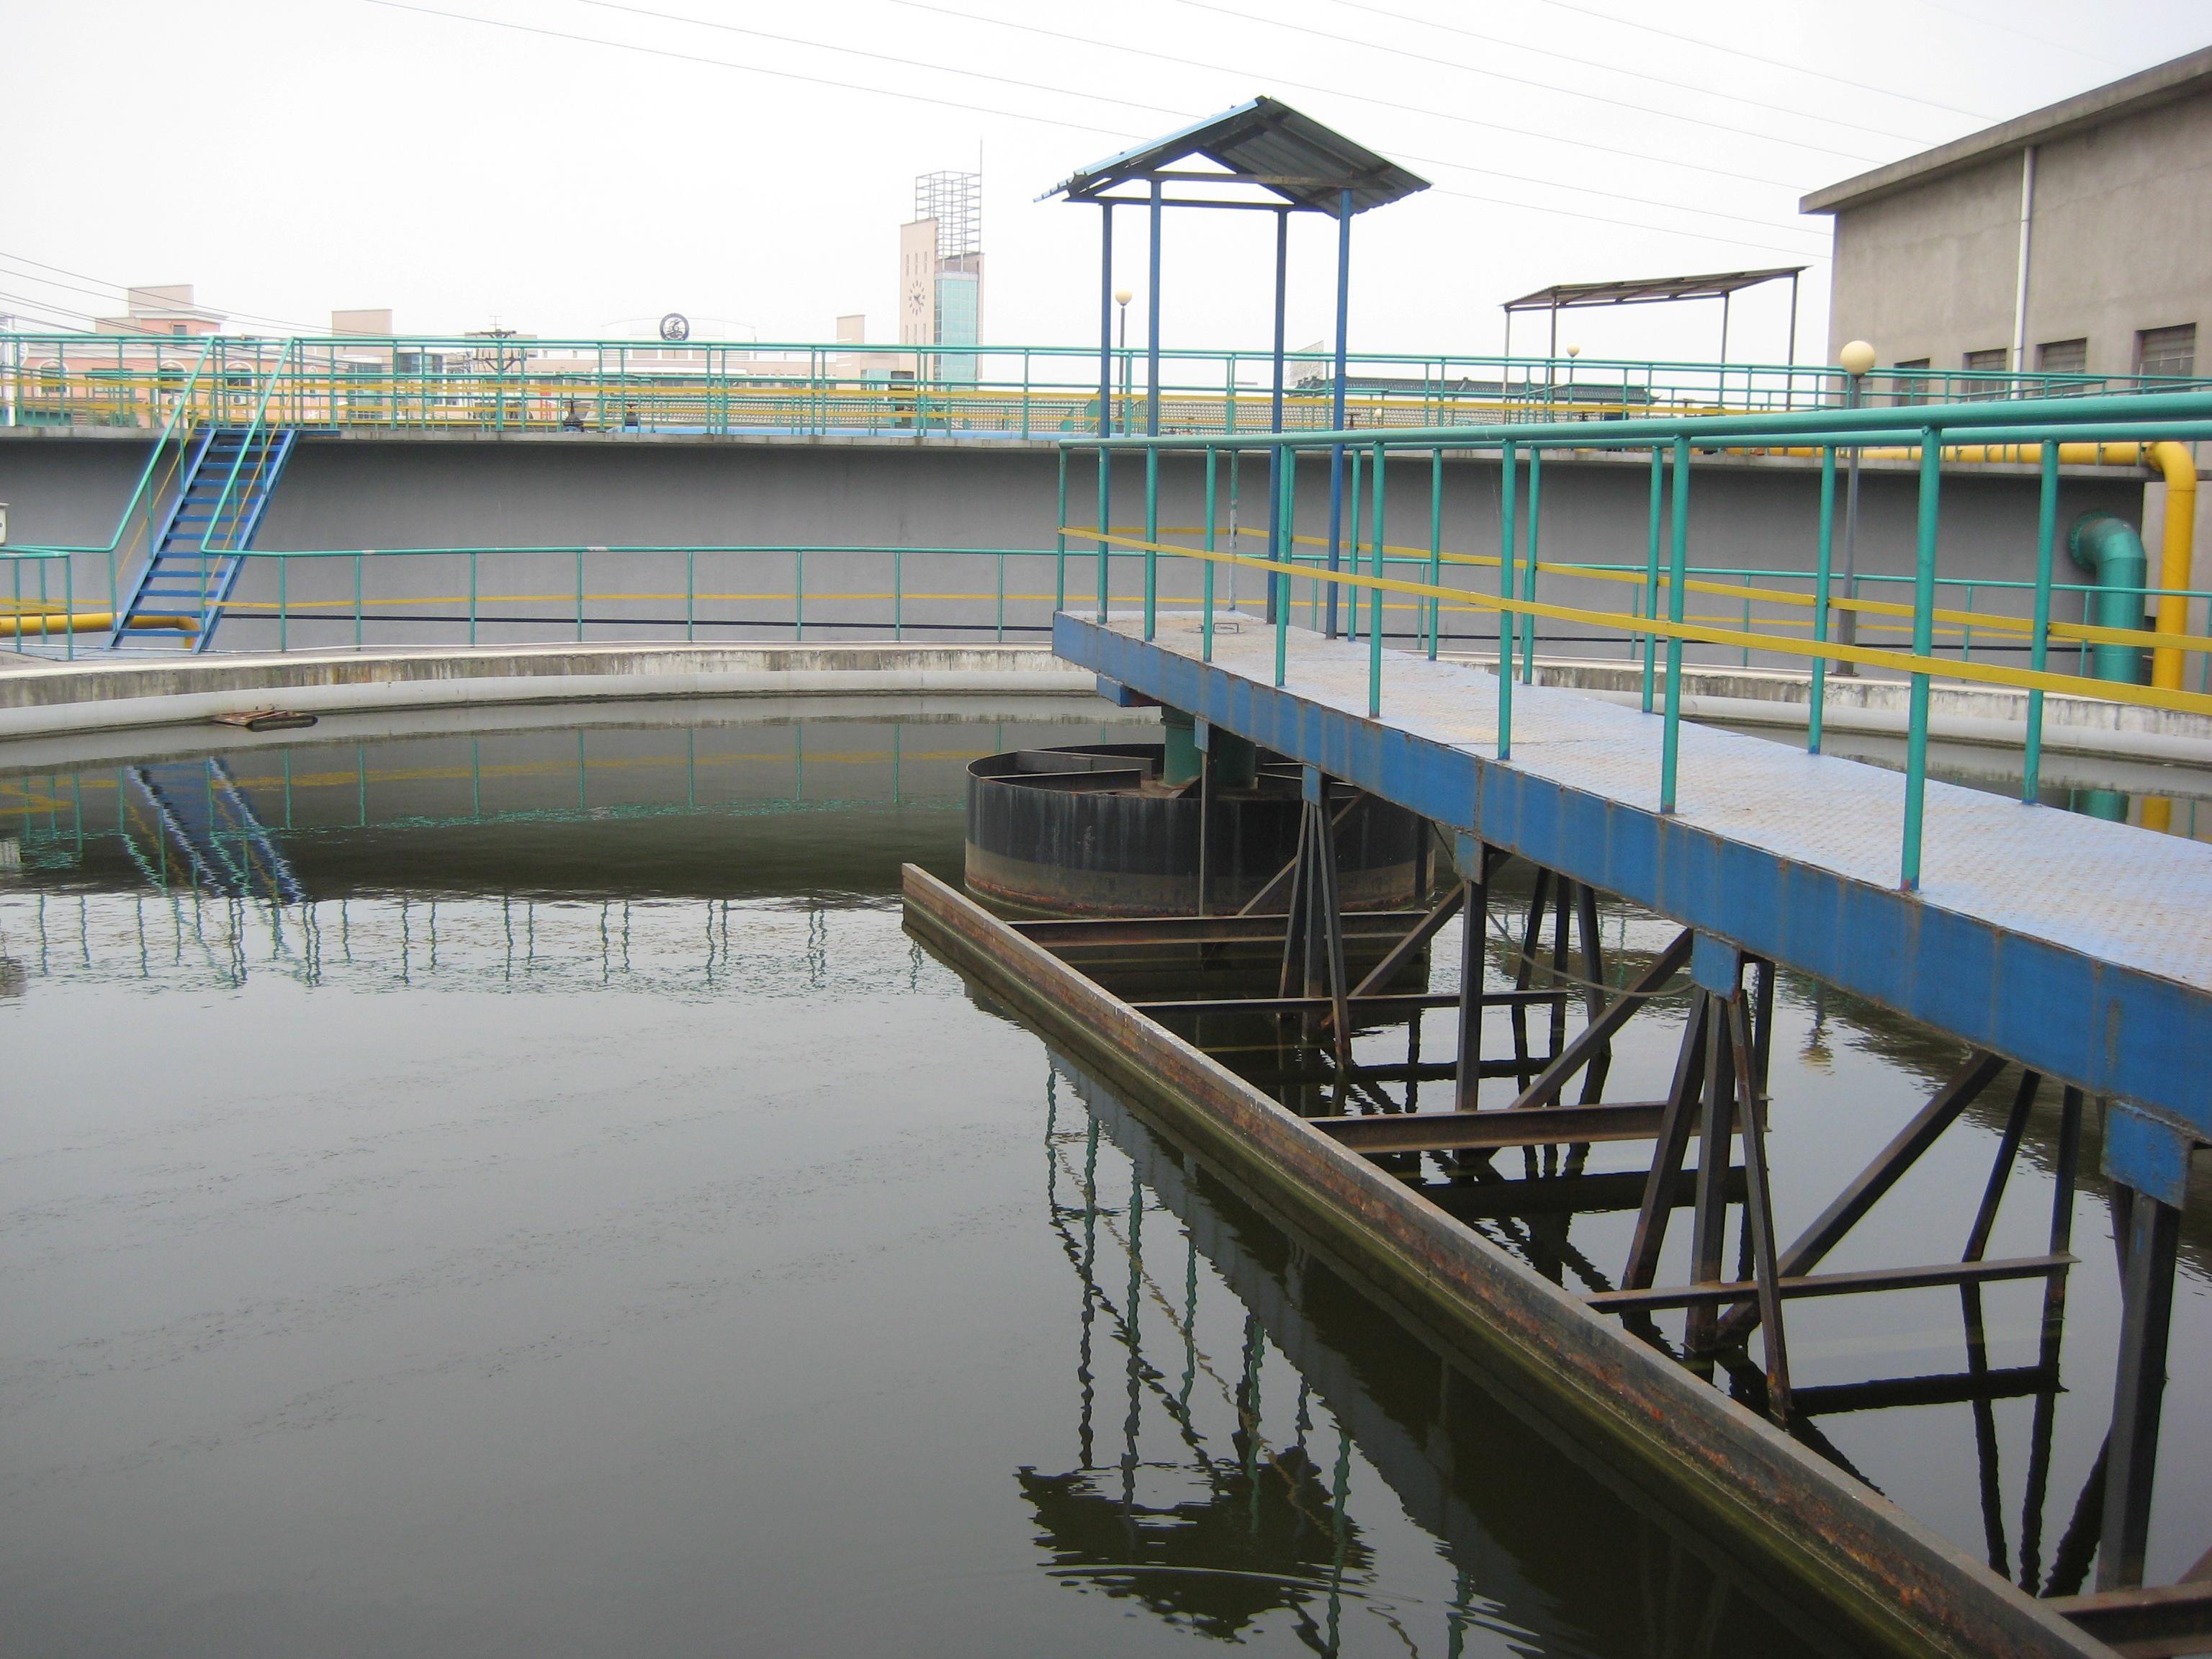 认识污水处理设备的设计原则